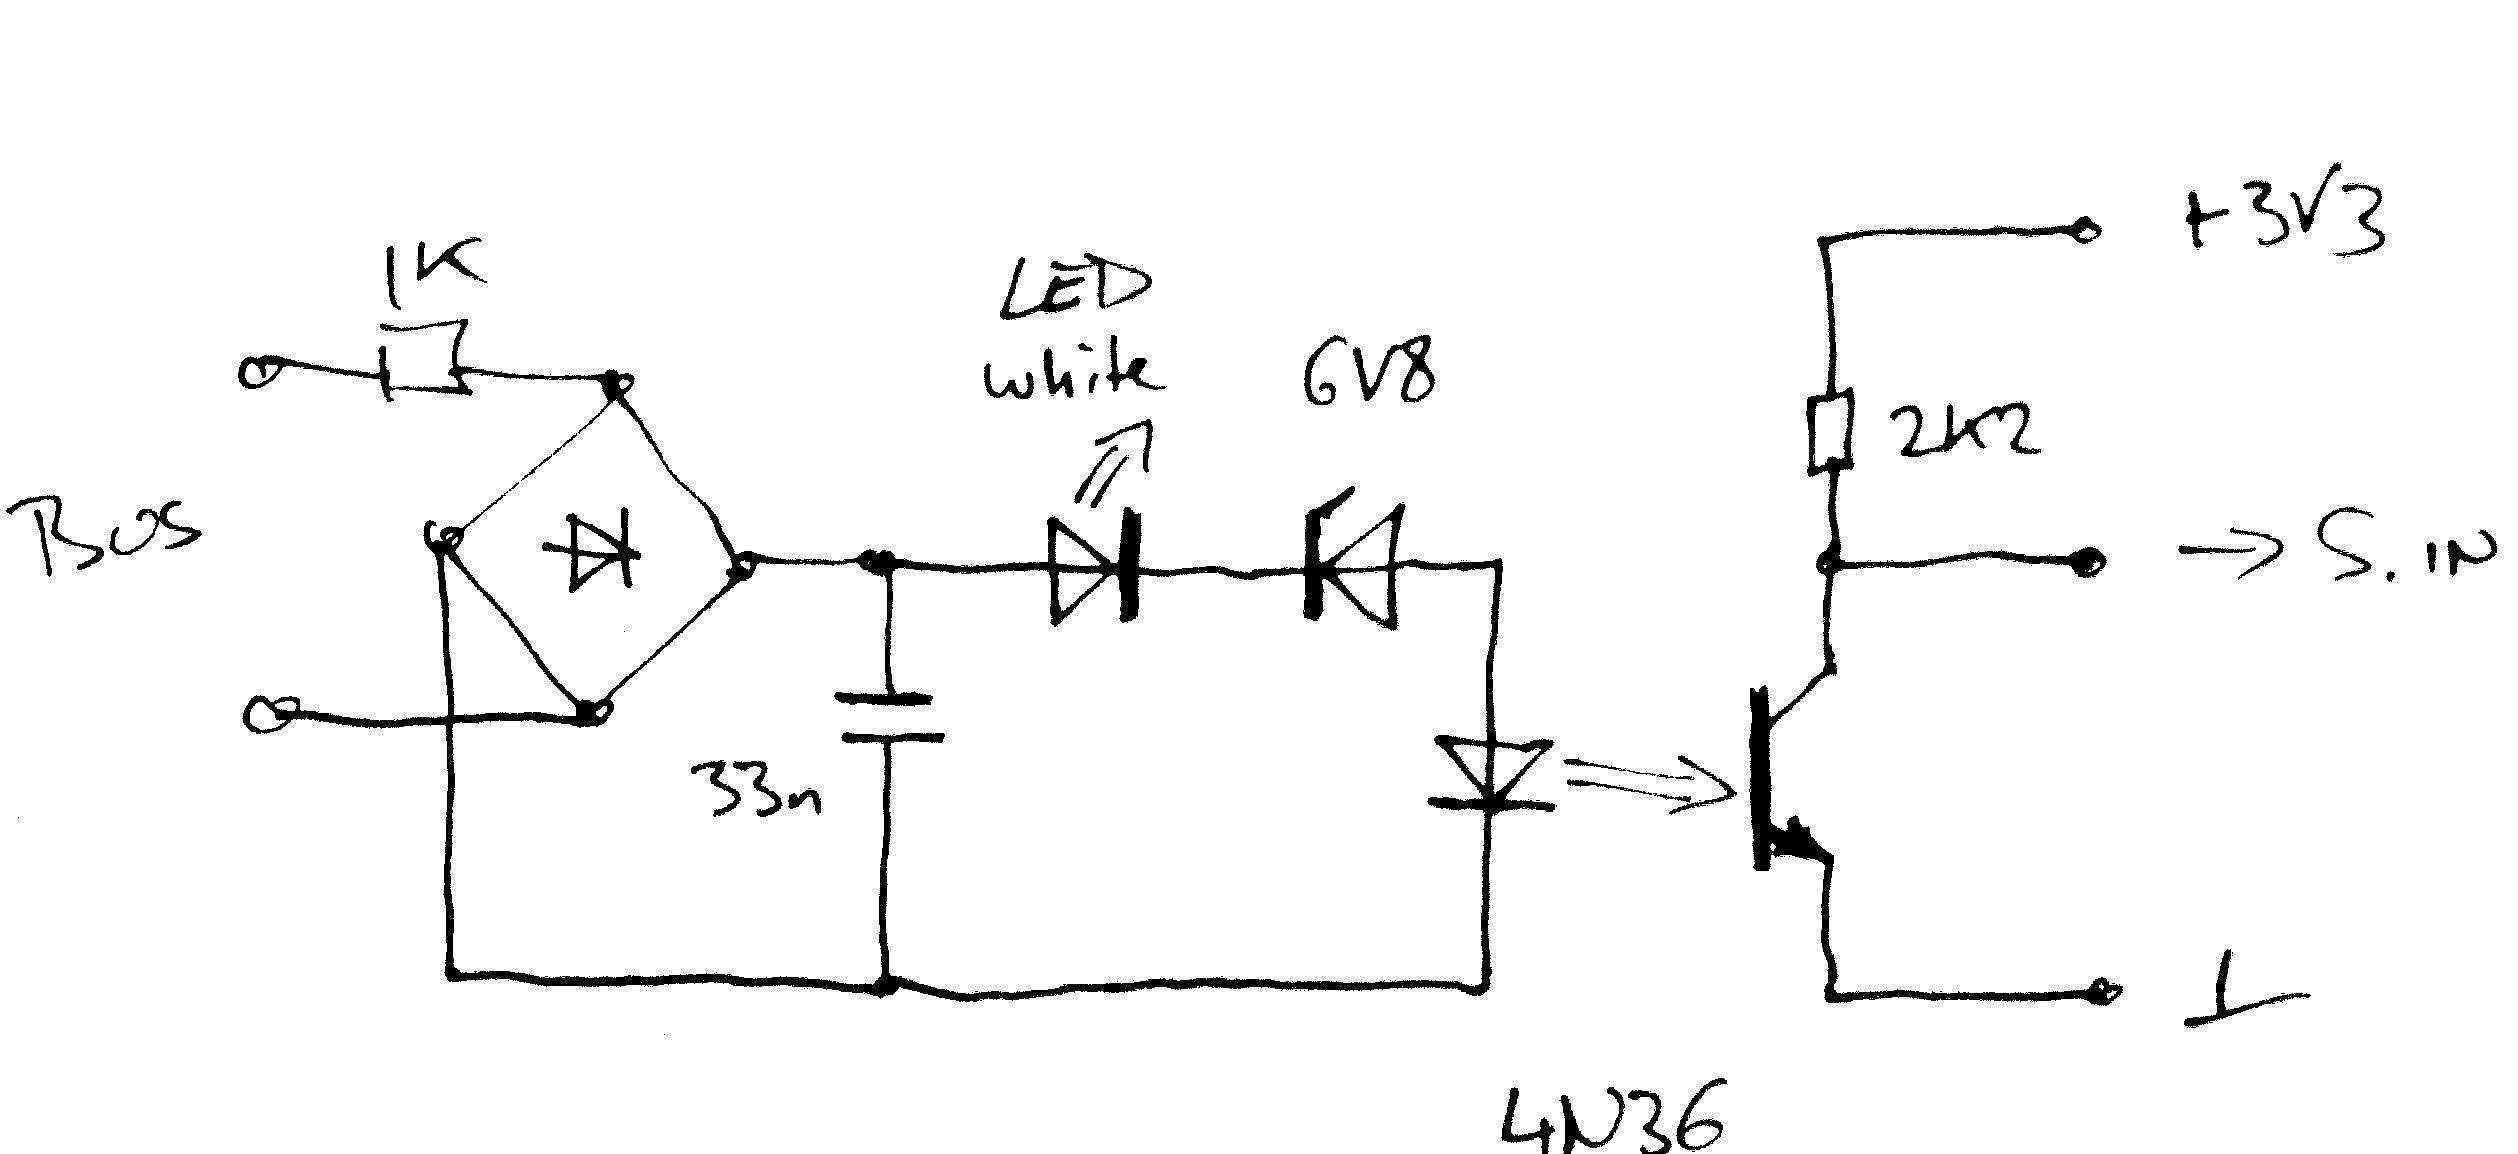 Kenwood Kdc Mp342u Wiring Diagram 5 1 Kenwood Amplifier